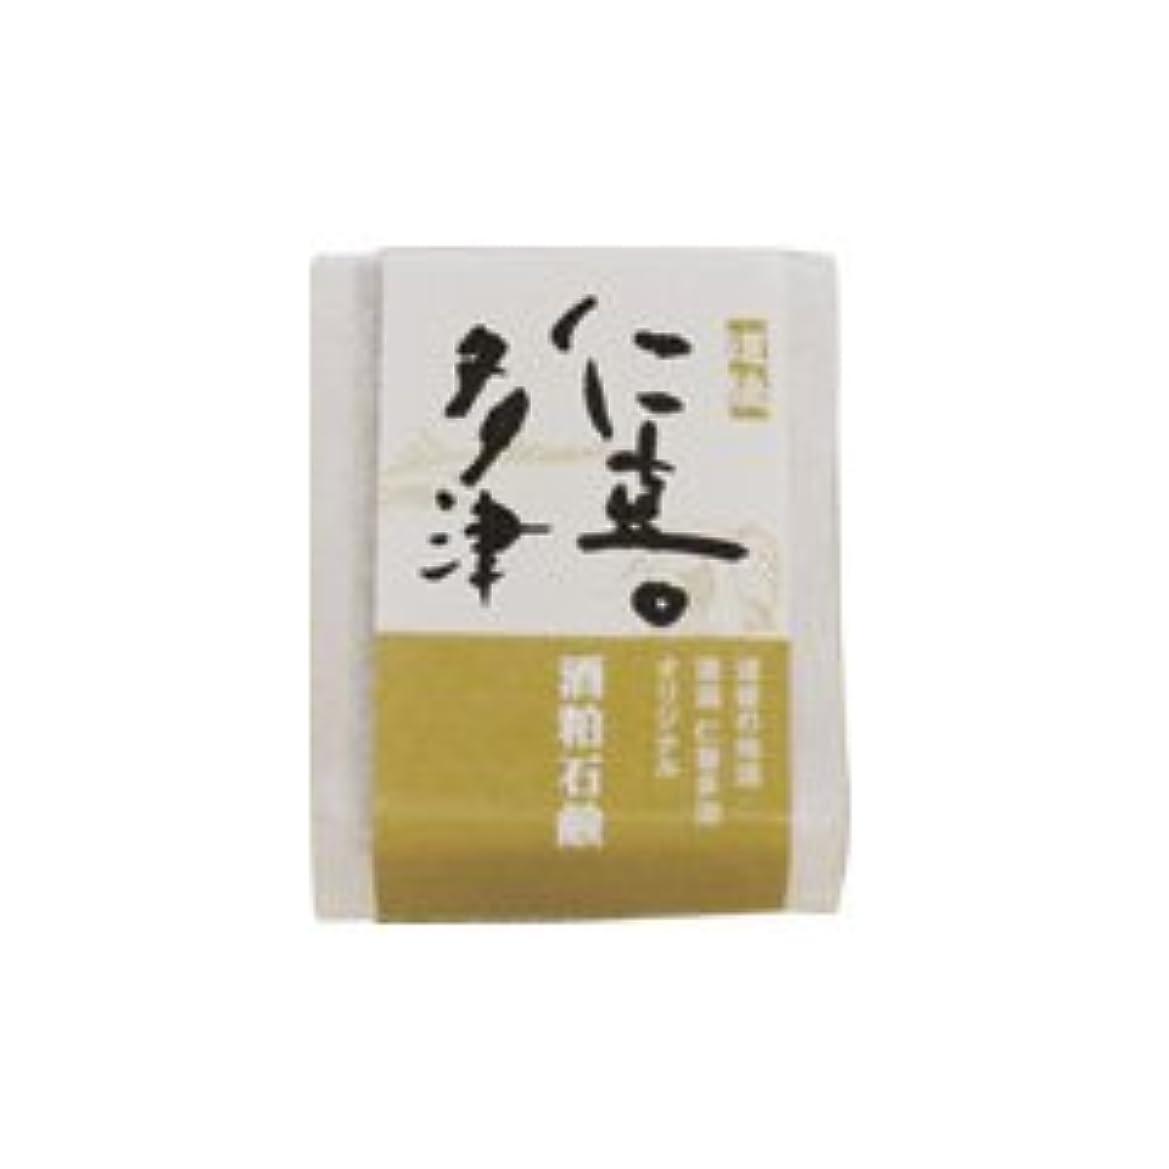 多様な黒レディ仁喜多津 オリジナル 酒粕石鹸 60g